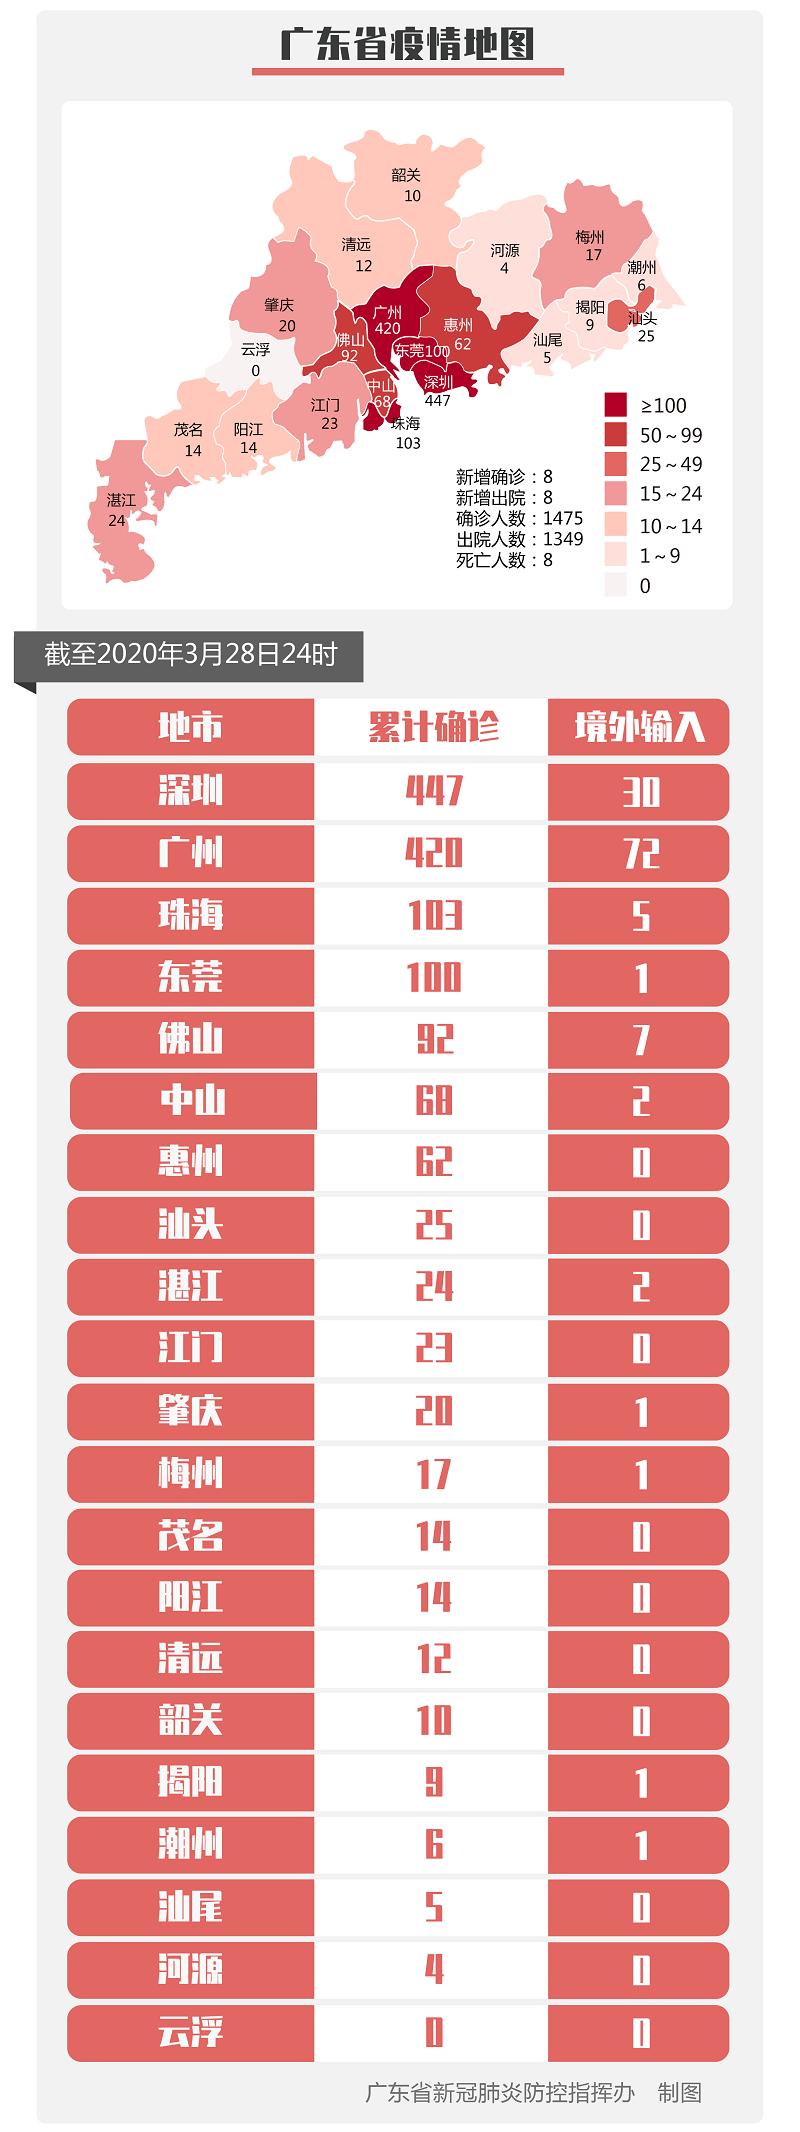 3月29日广东新型冠状病毒感染肺炎疫情通报